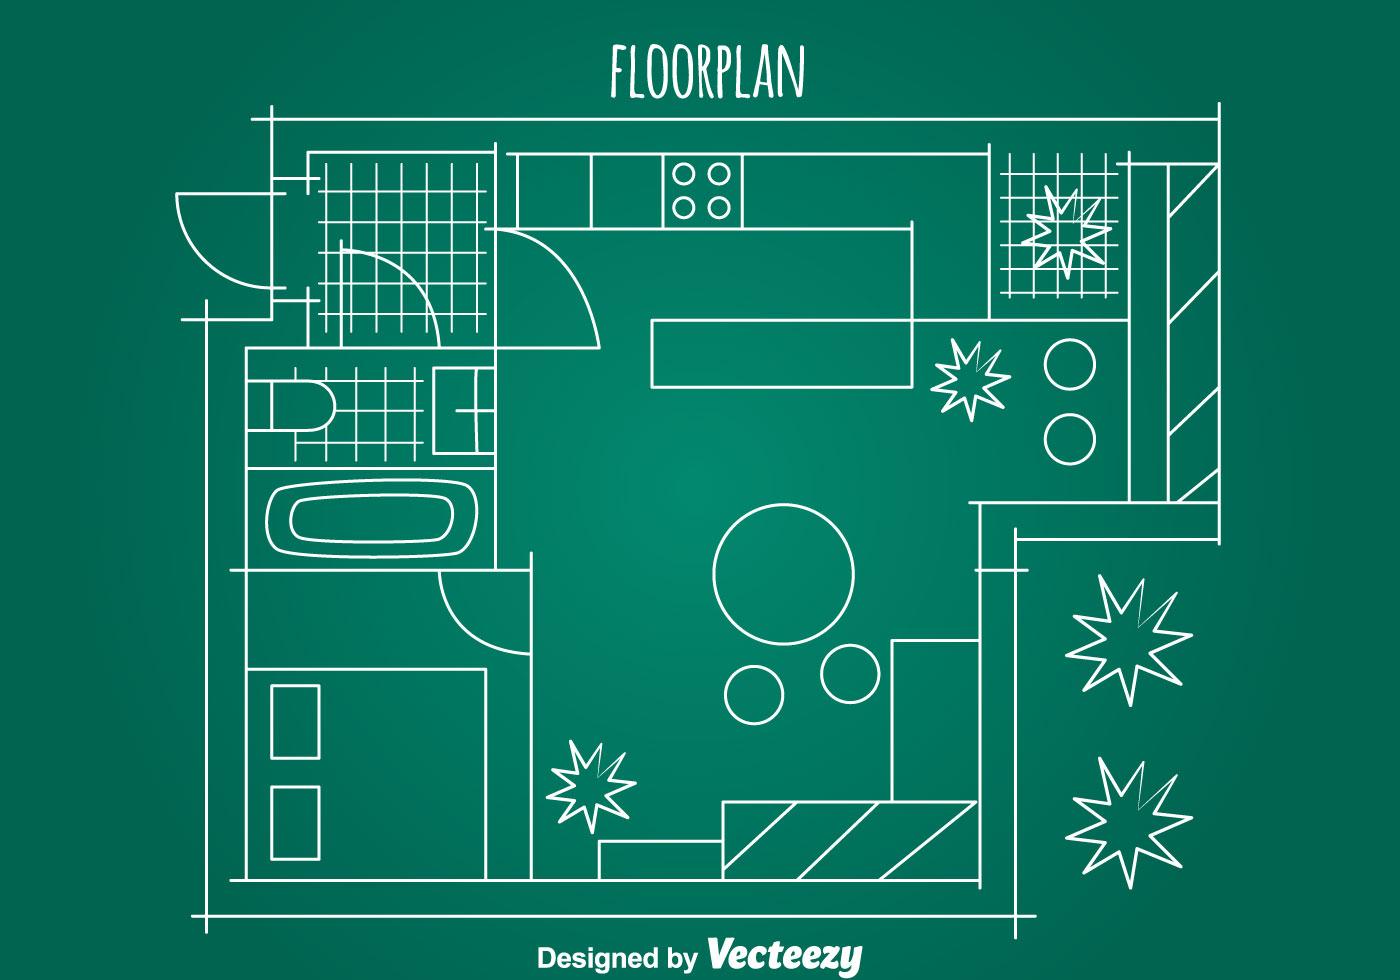 Simple House Floorplan Vector - Download Free Vector Art, Stock ...